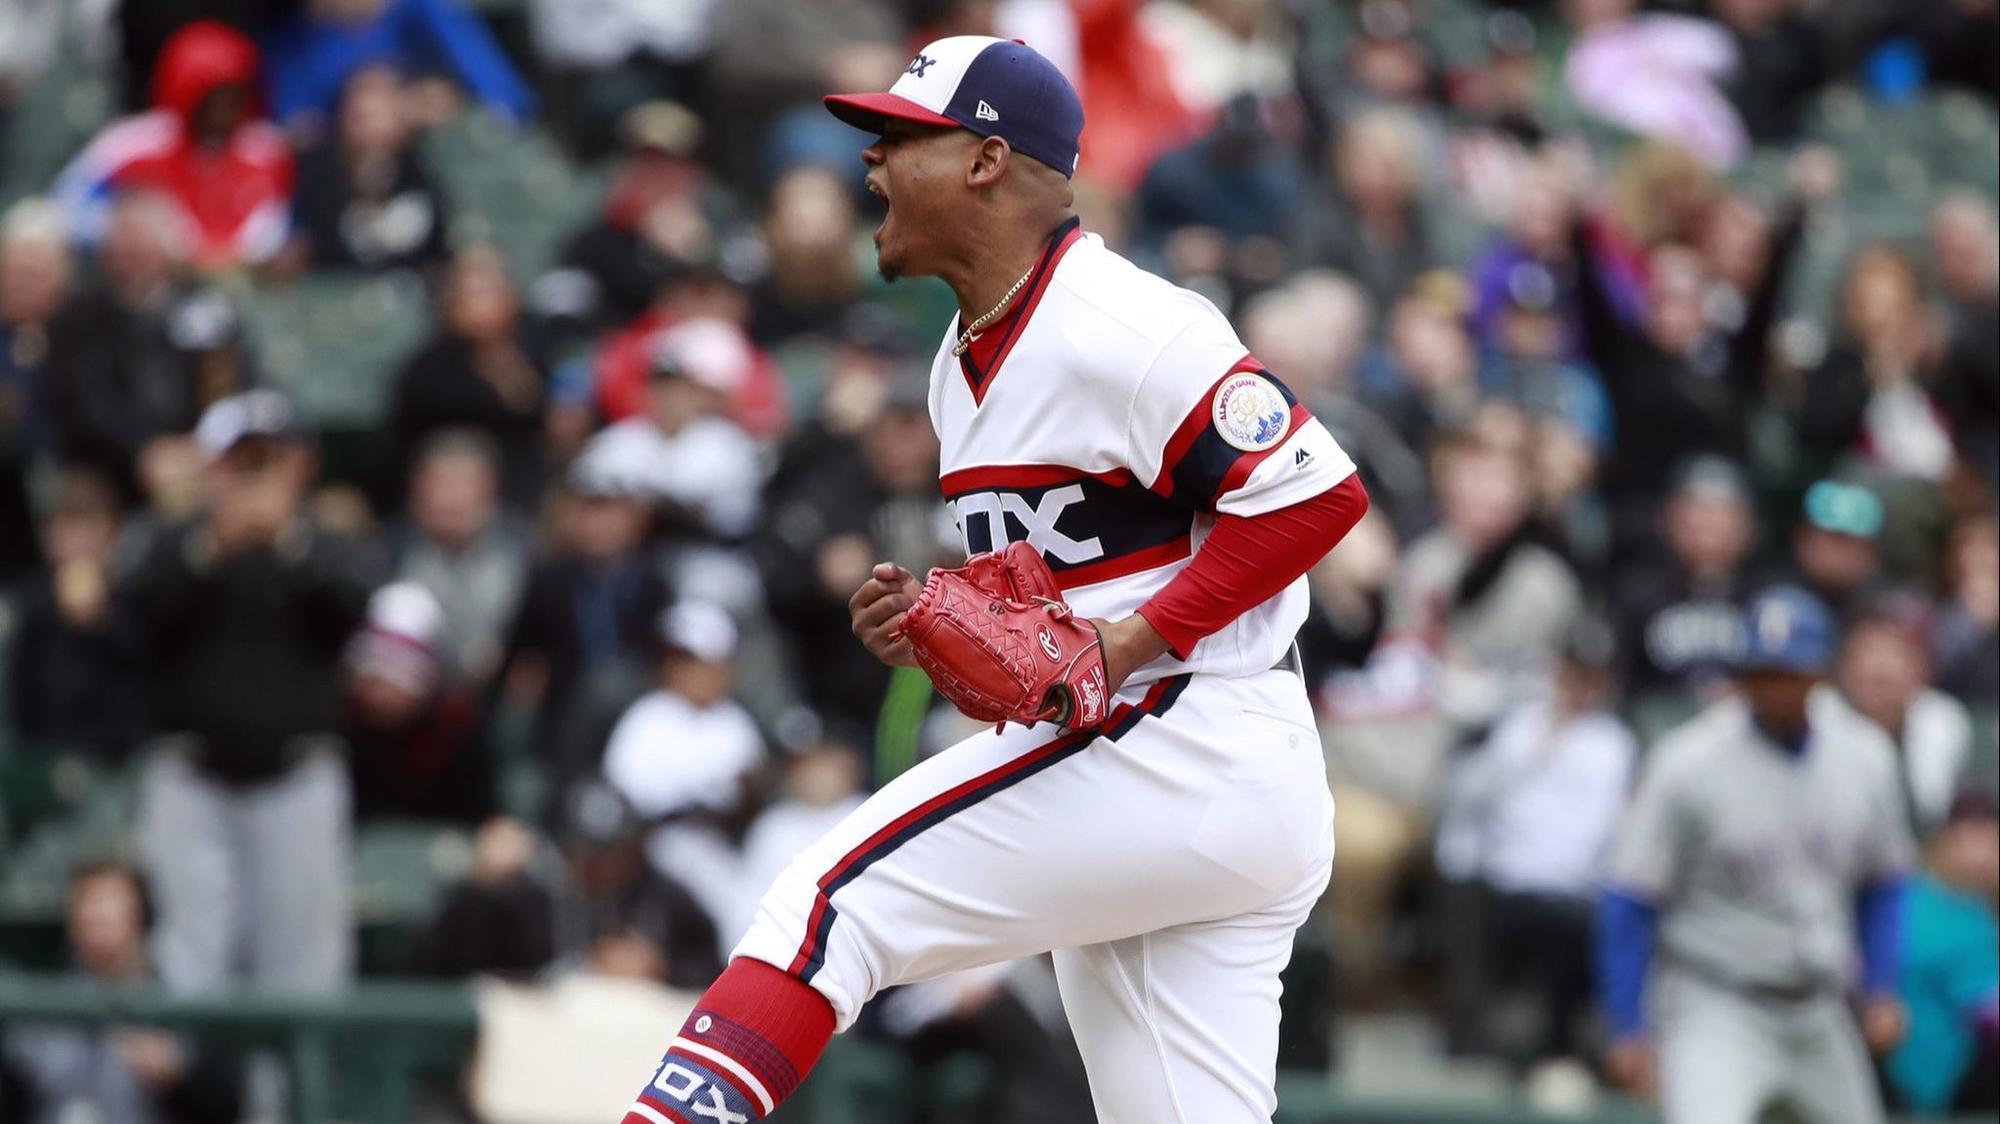 Ct-spt-weirdest-baseball-uniforms-20180522